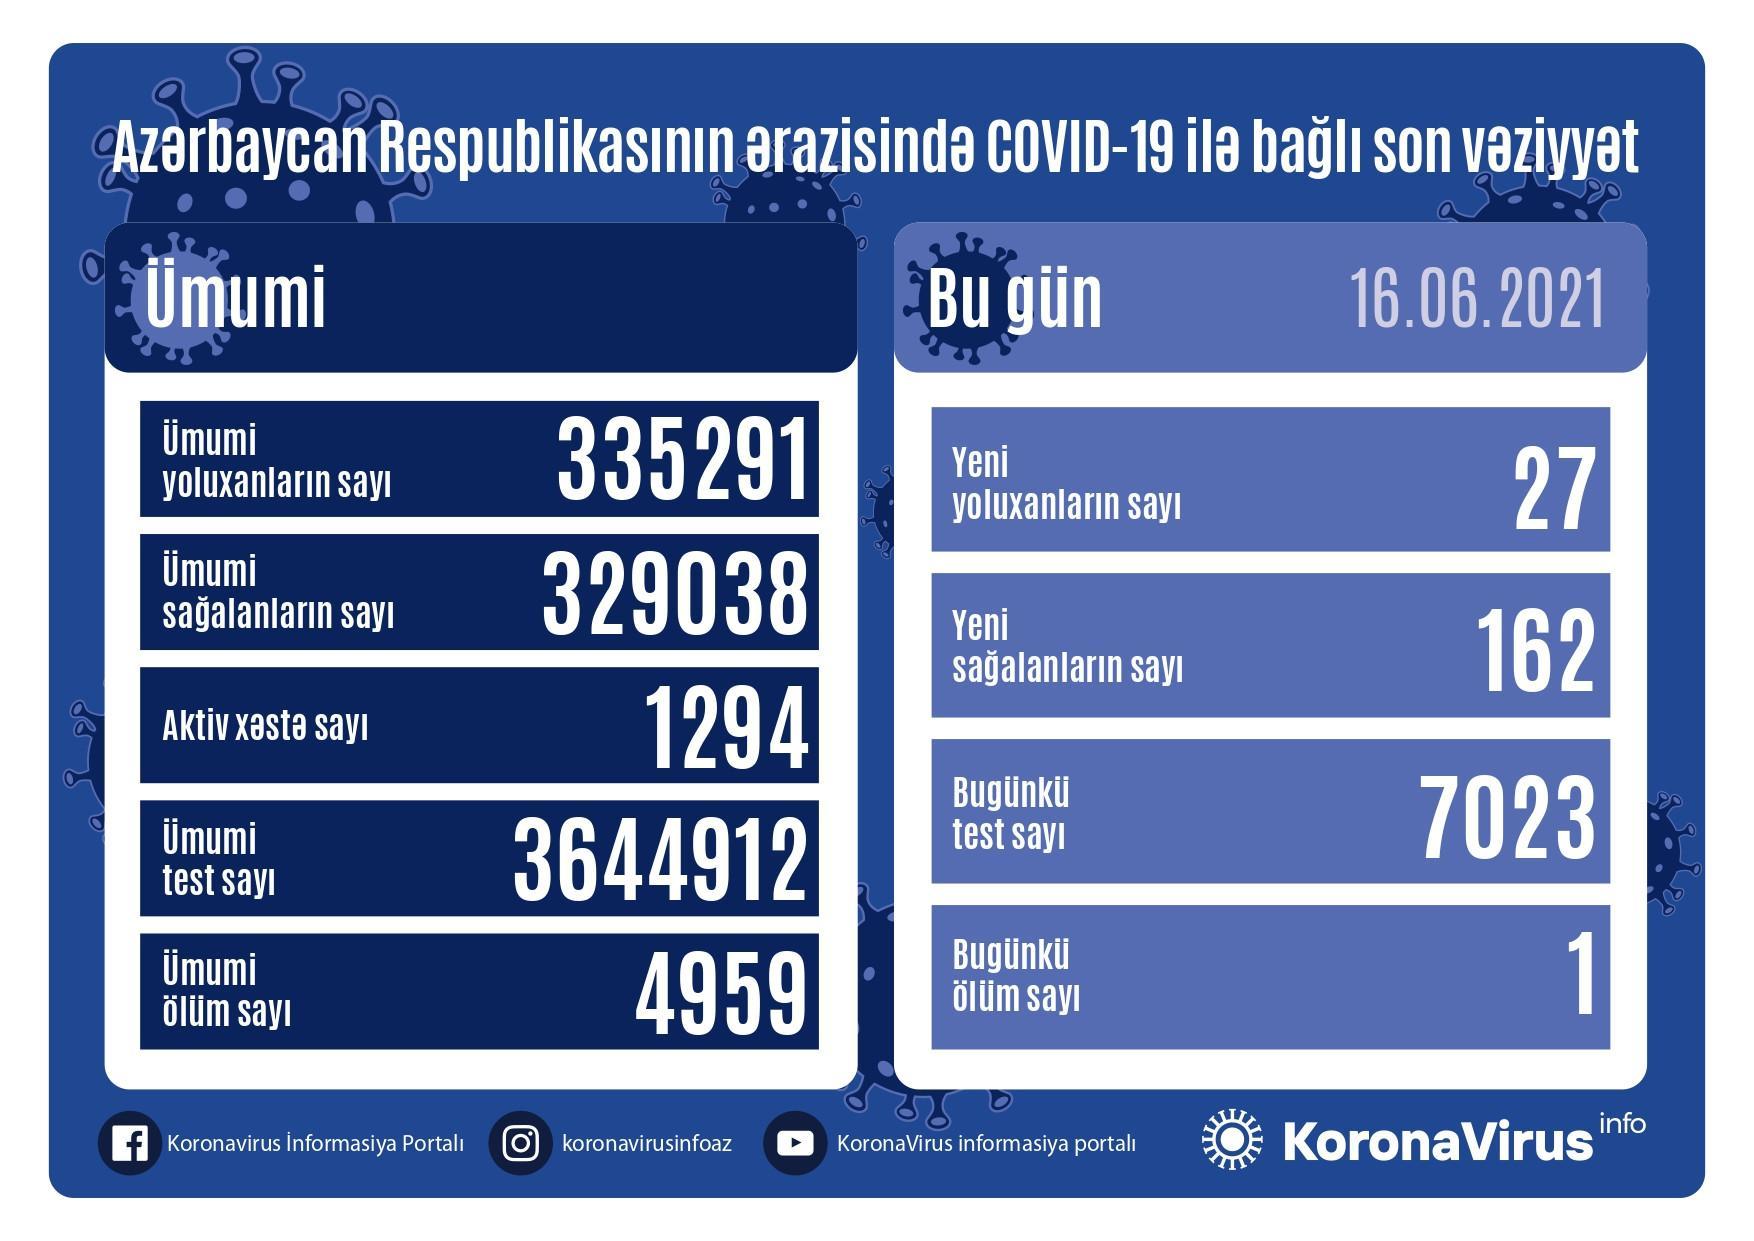 Azərbaycanda daha 27 nəfər COVID-19-a yoluxub